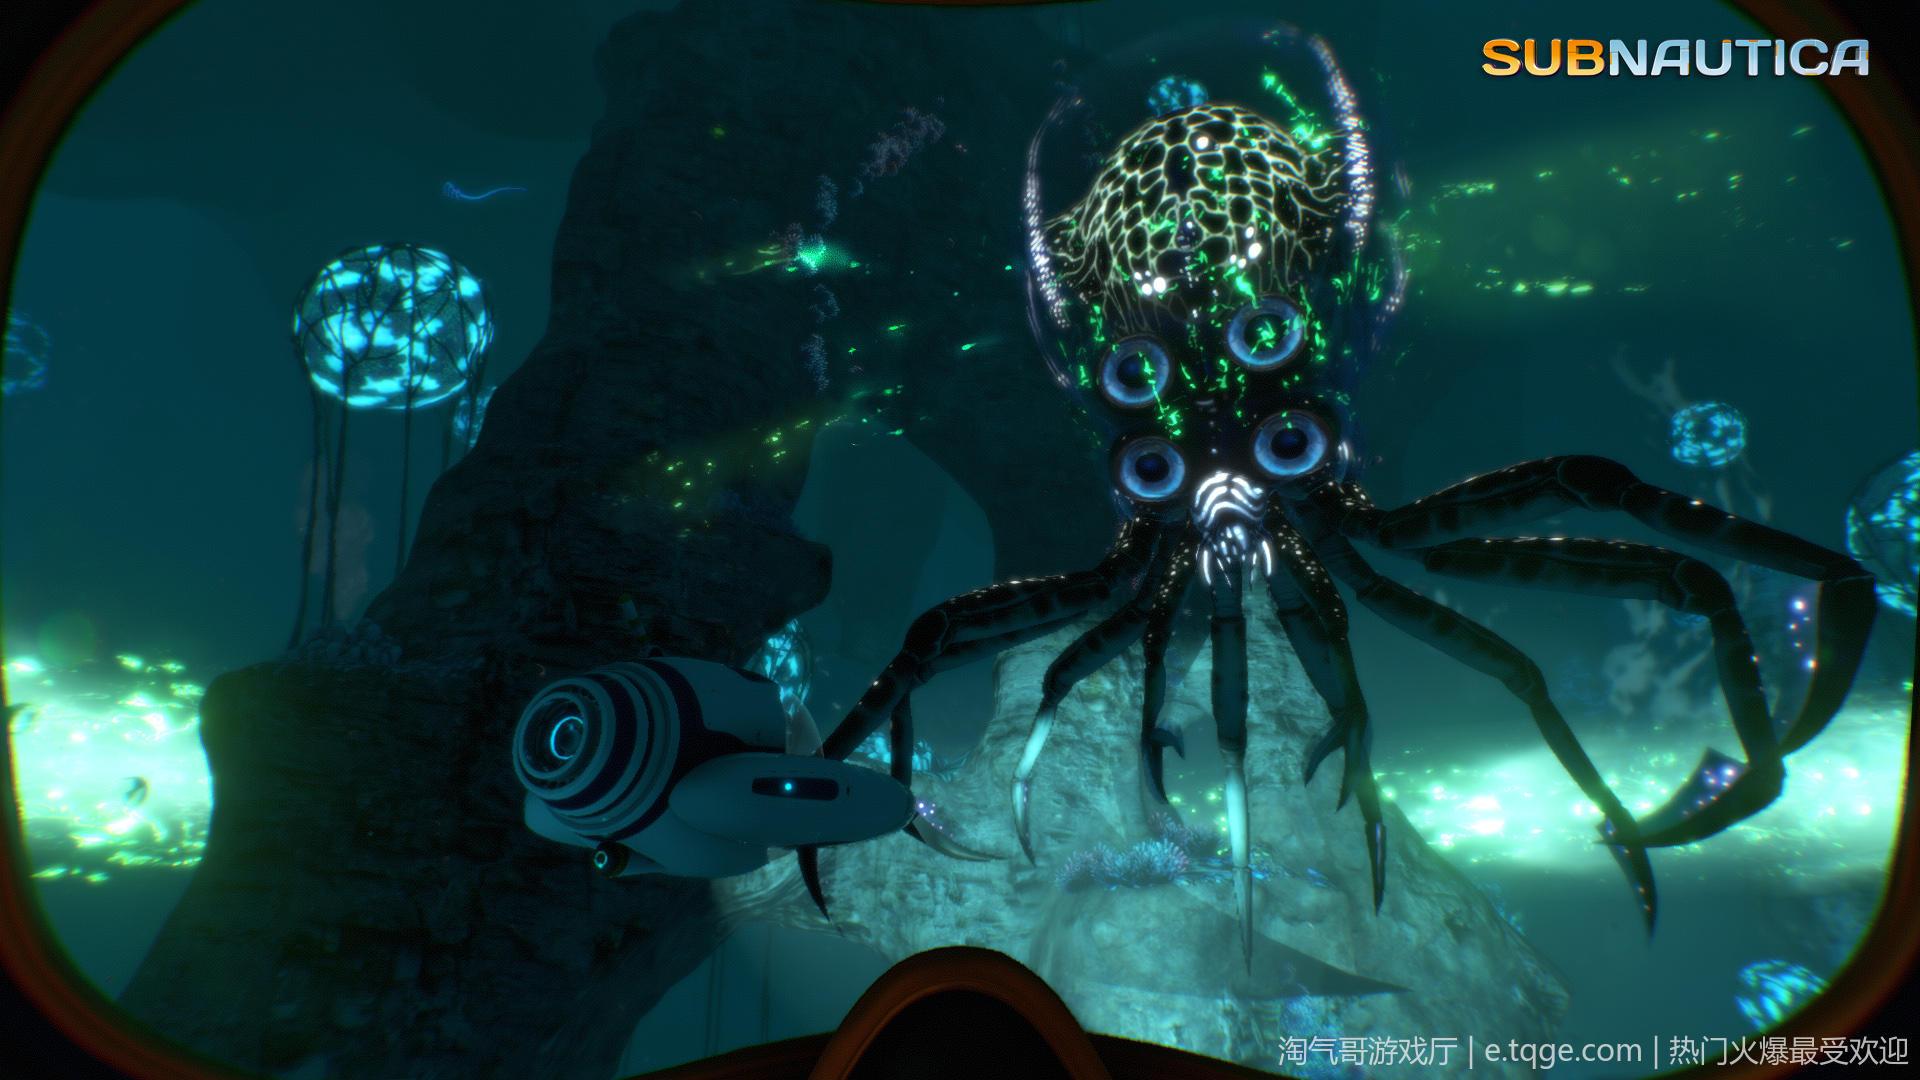 深海迷航/水下之旅/美丽水世界 动作冒险 第5张